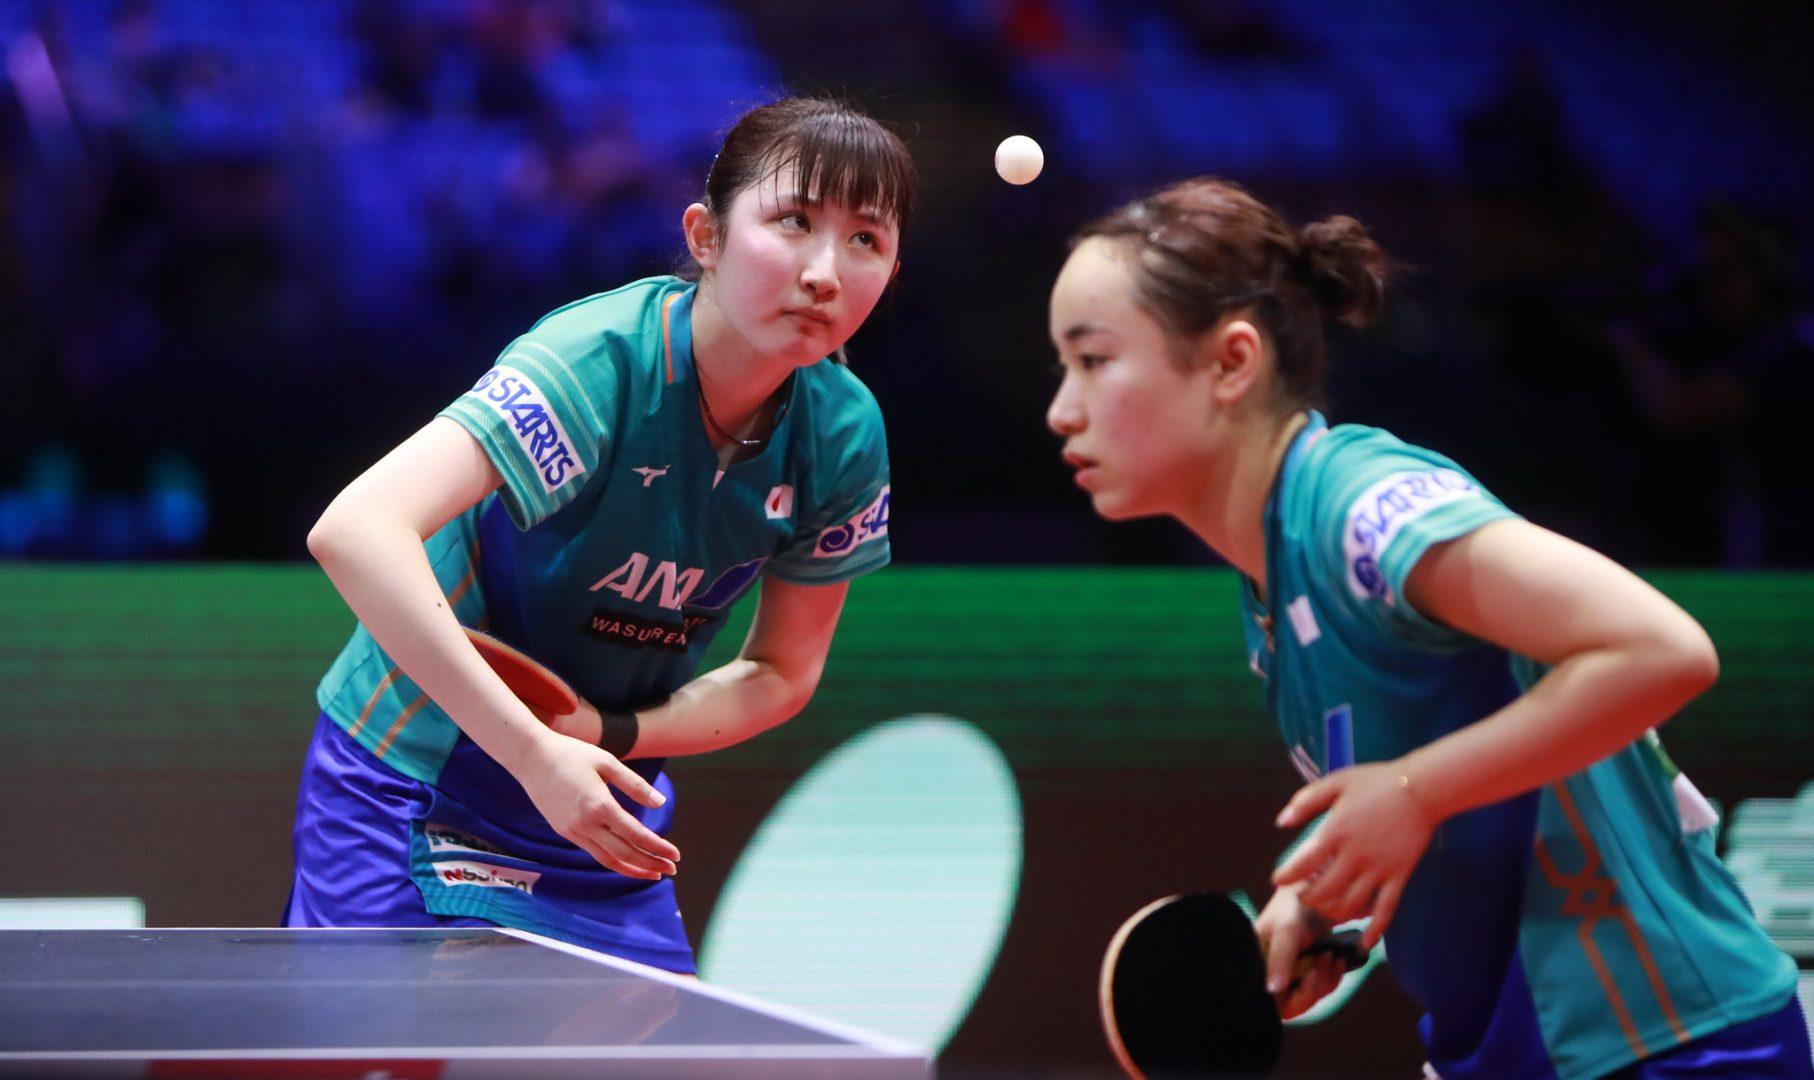 世界卓球選手権大会 歴代チャンピオン・女子結果一覧